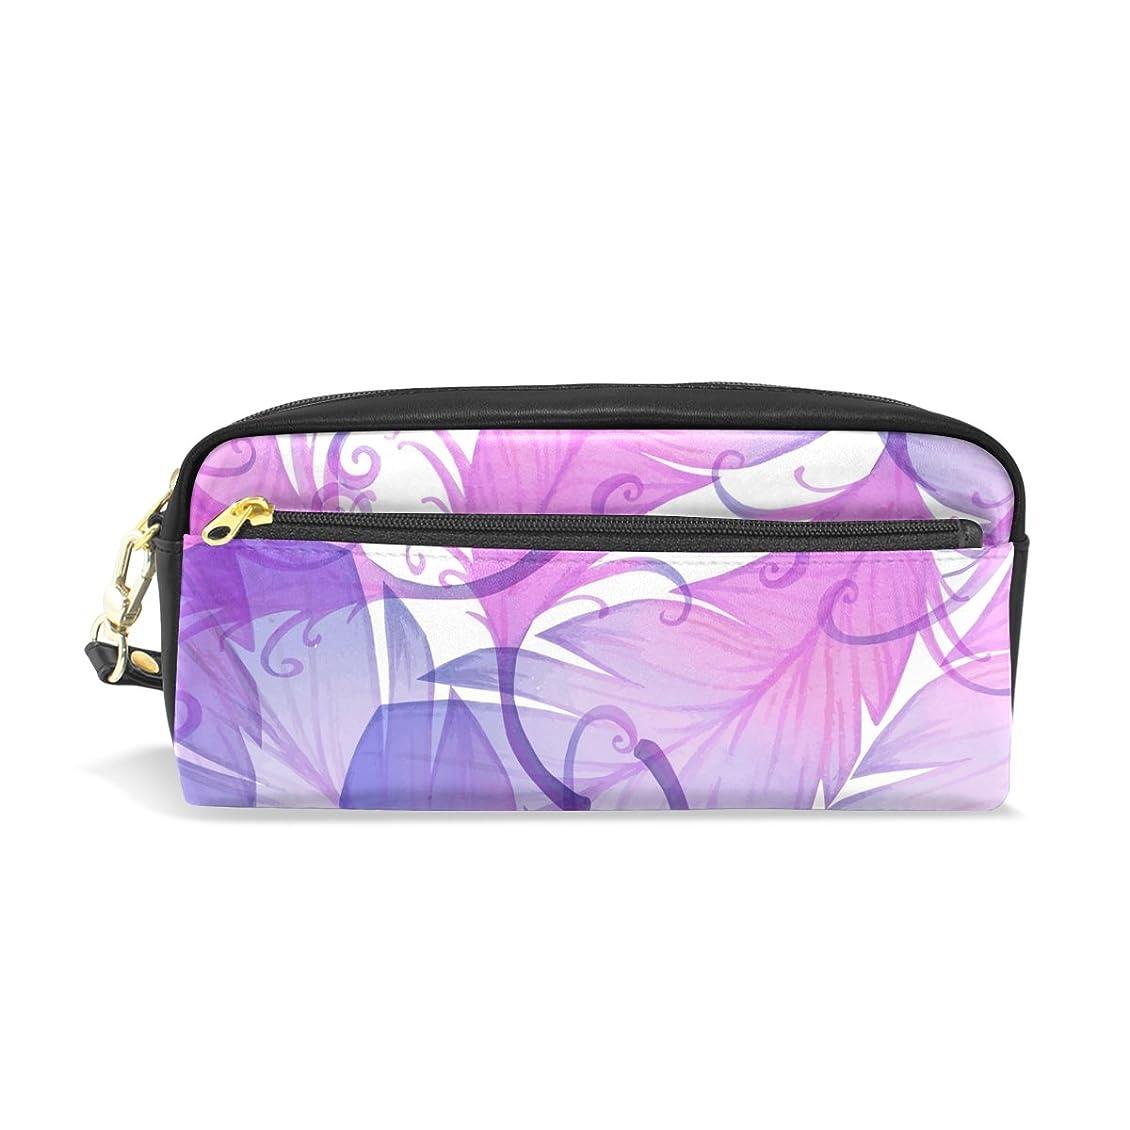 サービス甘くする利益AOMOKI ペンケース 化粧ポーチ 小物入り 多機能バッグ レディース 羽 紫